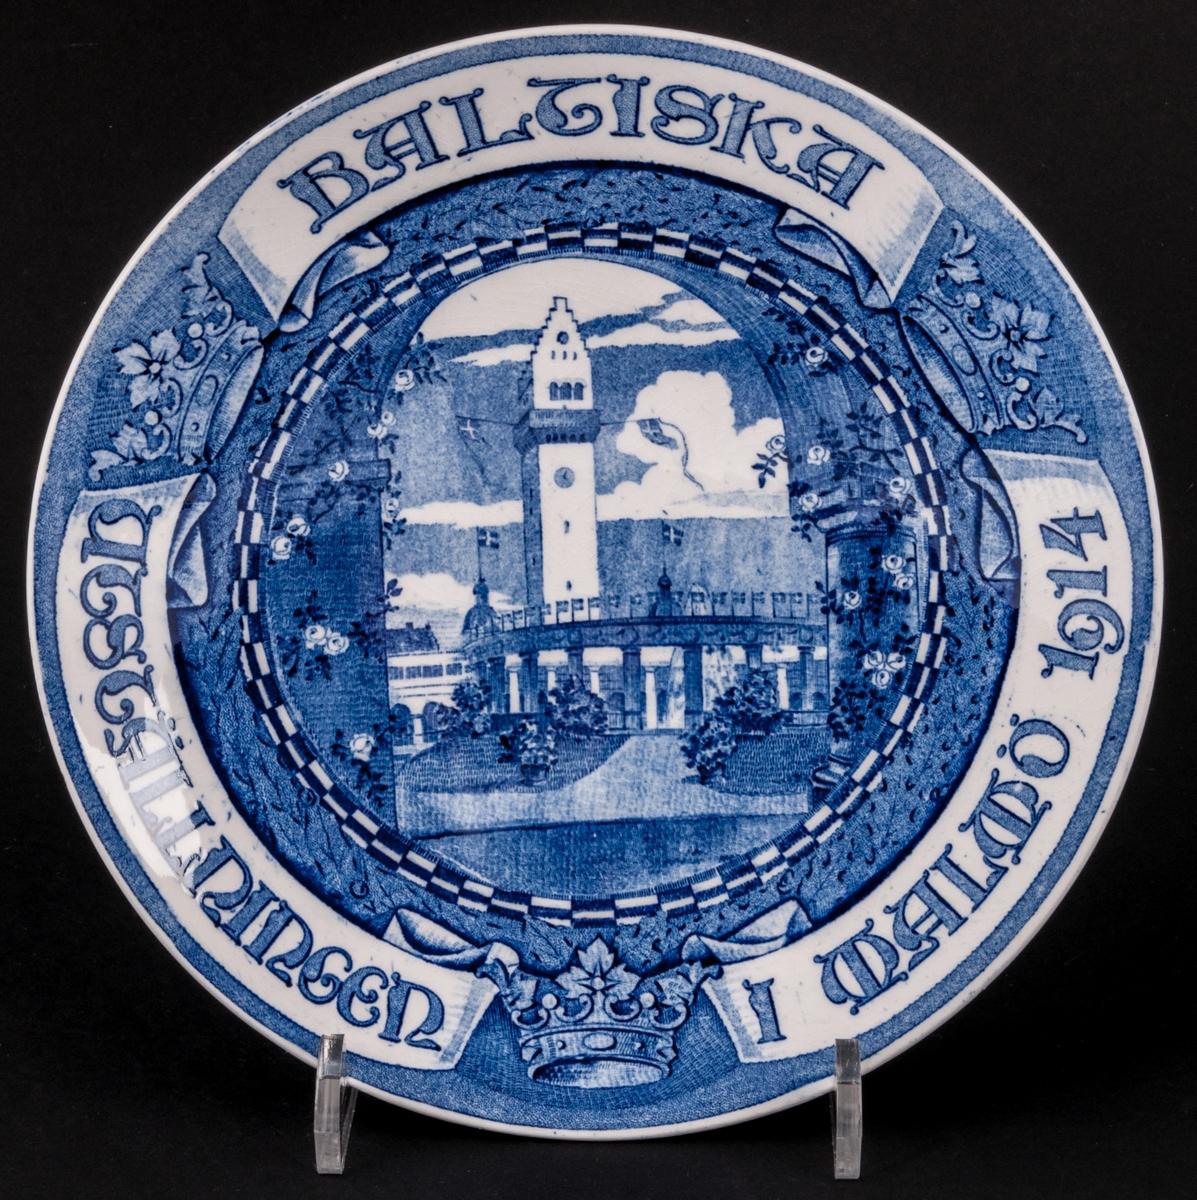 Jubileumstallrik i lergods, för Baltiska utställningen i Malmö 1914. Vit med blå text och motiv. Modell L. Tillverkad vid Gefle Porslinsfabrik. Försedd med hål och upphängningssnöre.